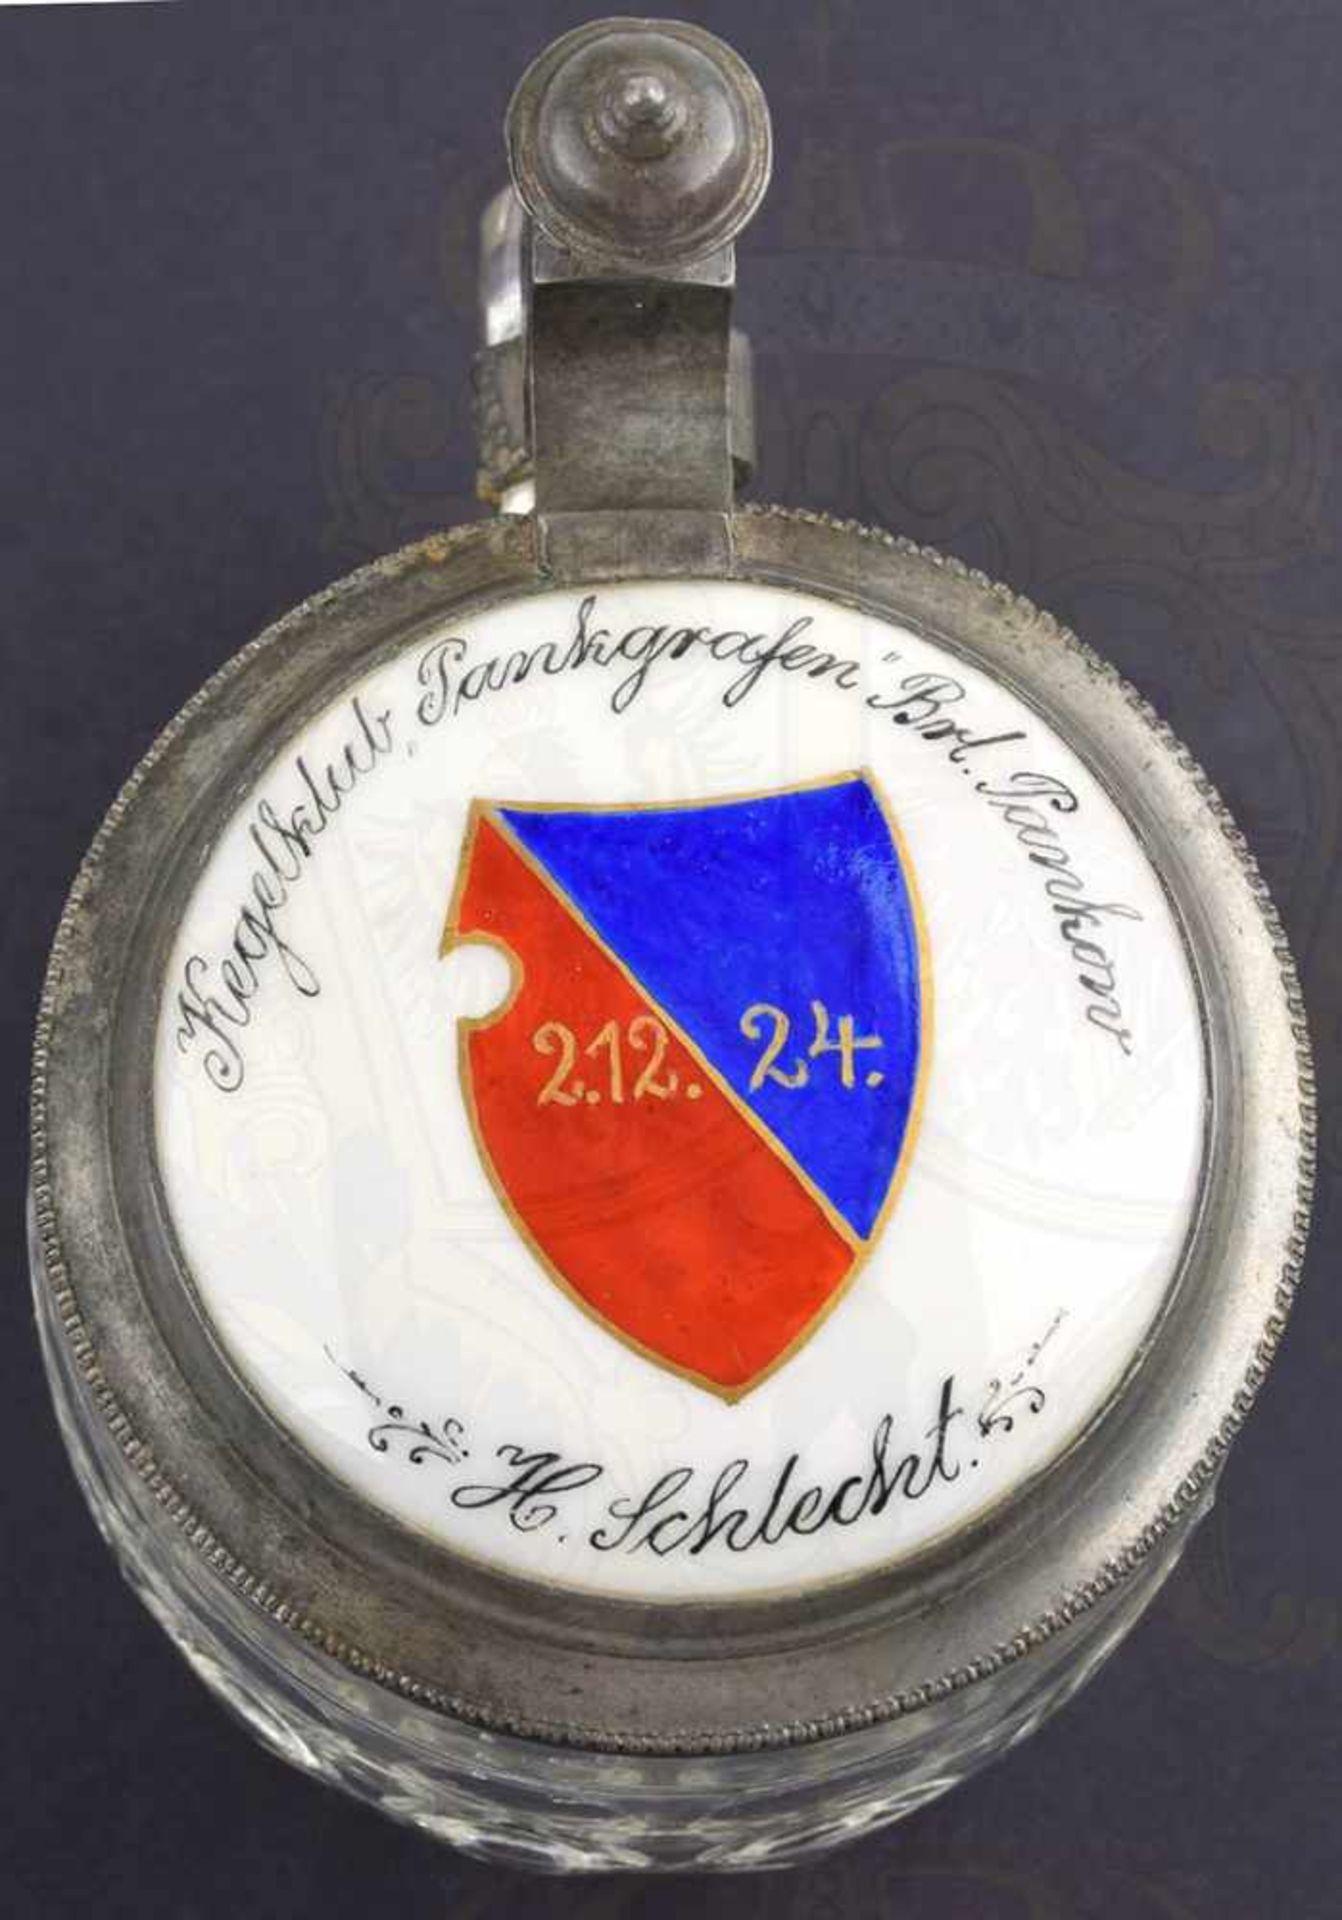 """BIERKRUG PANKGRAFENSCHAFT BERLIN, 1/4 L., Glas mit 2 Reihen """"Bullaugen"""", Boden m. Symbol einer - Bild 2 aus 3"""